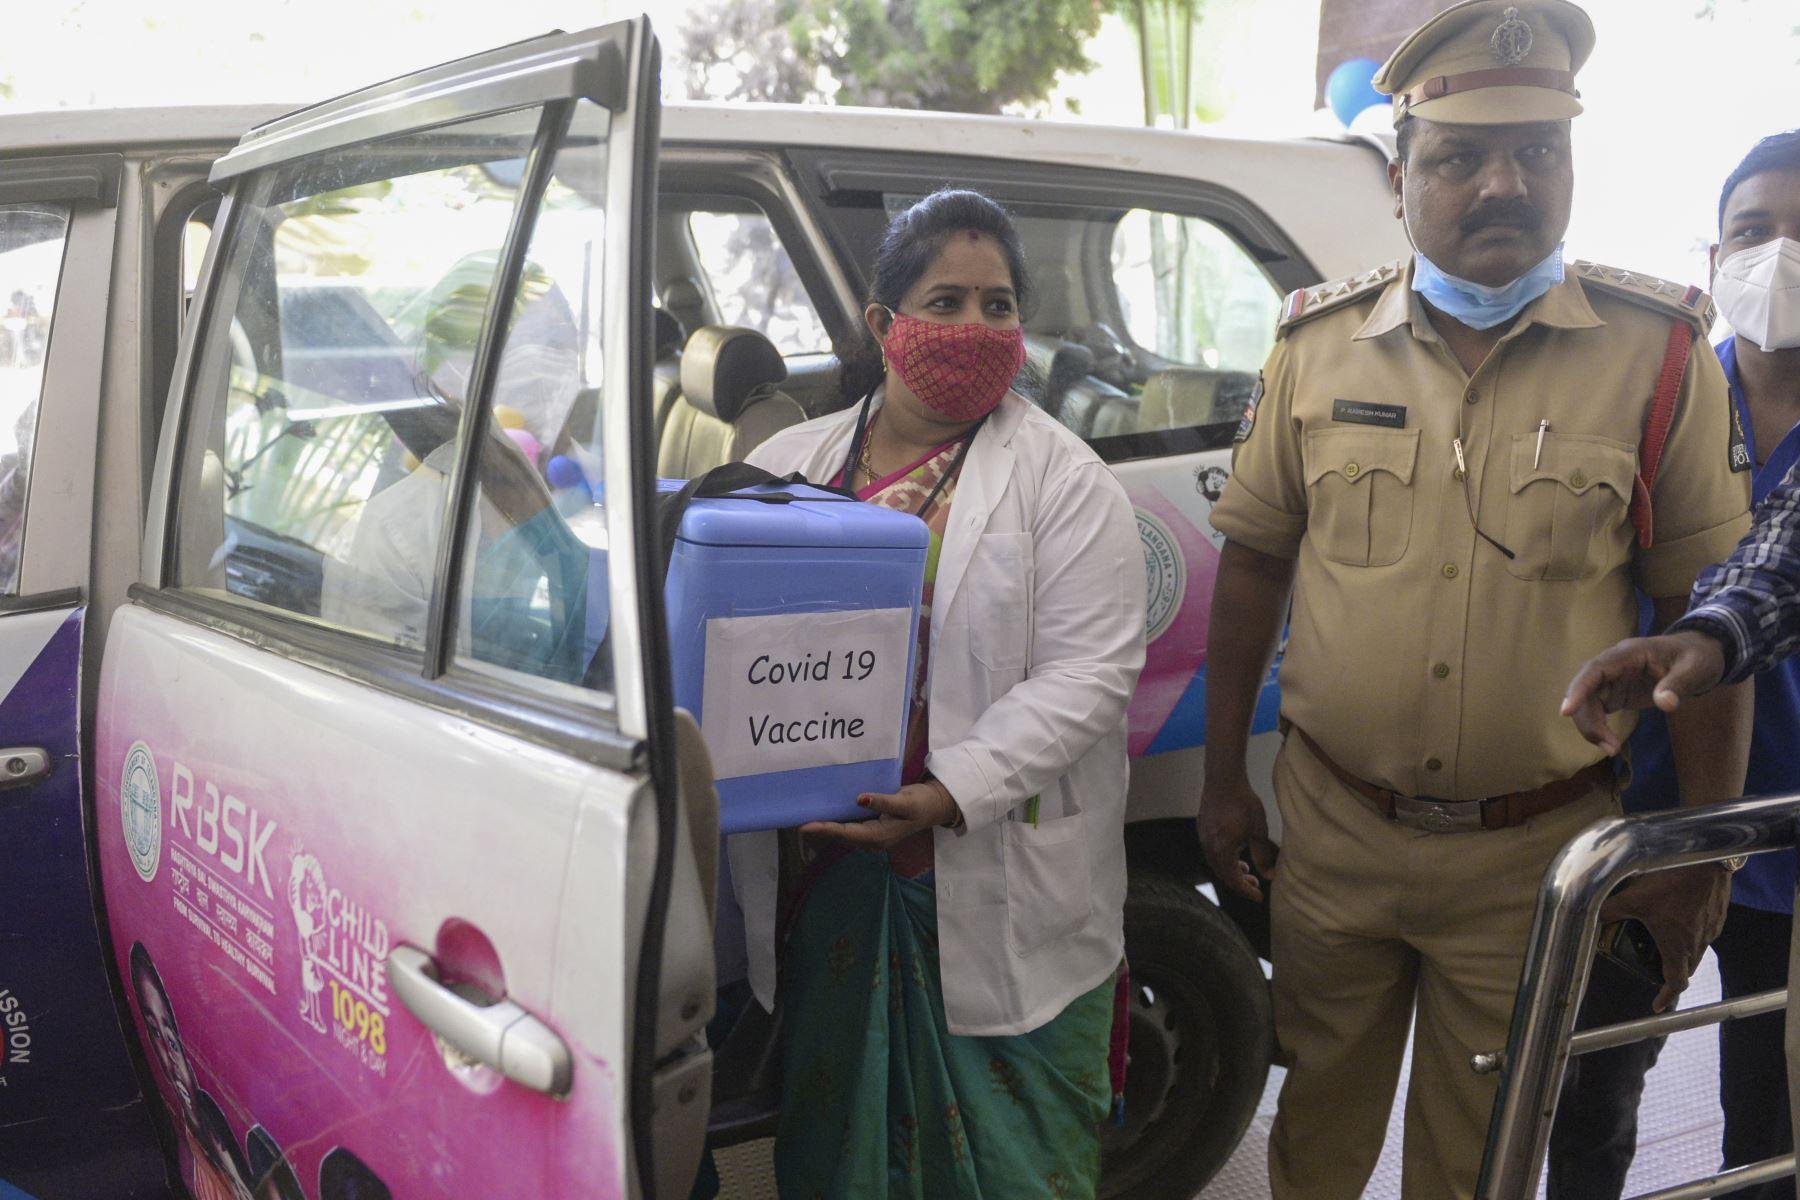 Un médico lleva una caja de congelador con la vacuna contra el coronavirus Covid-19 en el hospital King Koti en Hyderabad. Foto: AFP